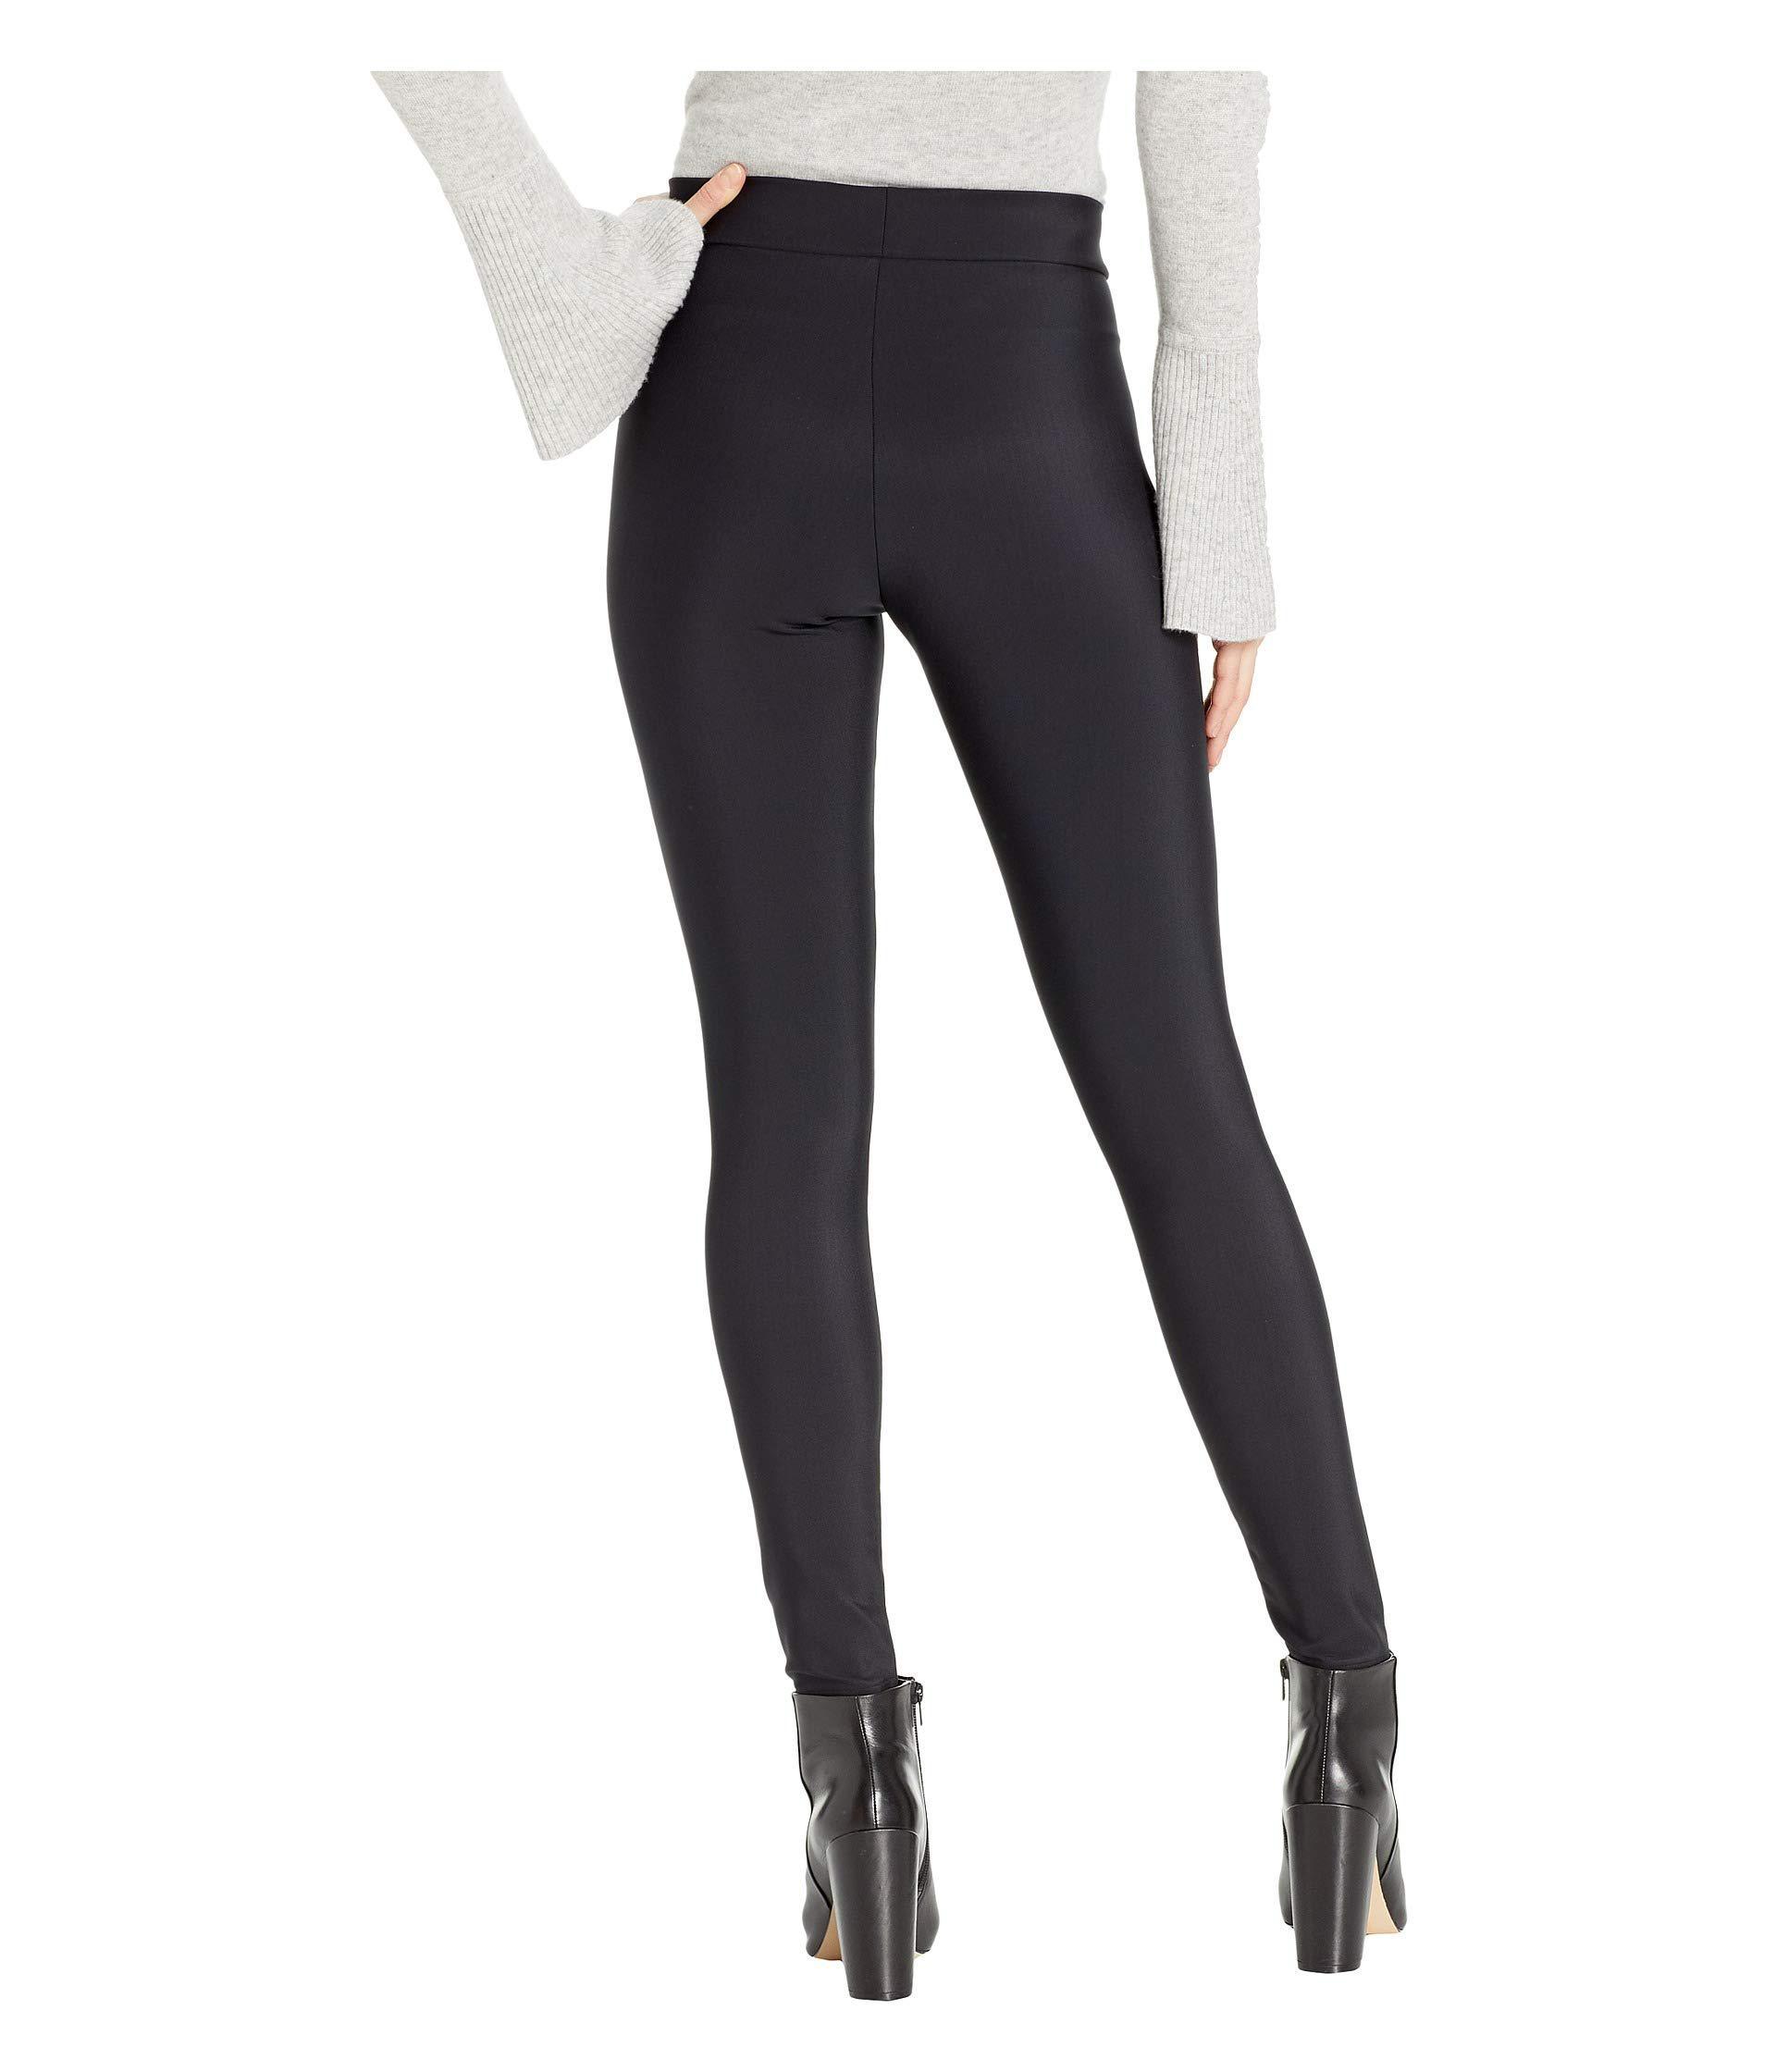 f9f67c52e Lyst - Wolford Scuba Leggings (black) Women s Casual Pants in Black